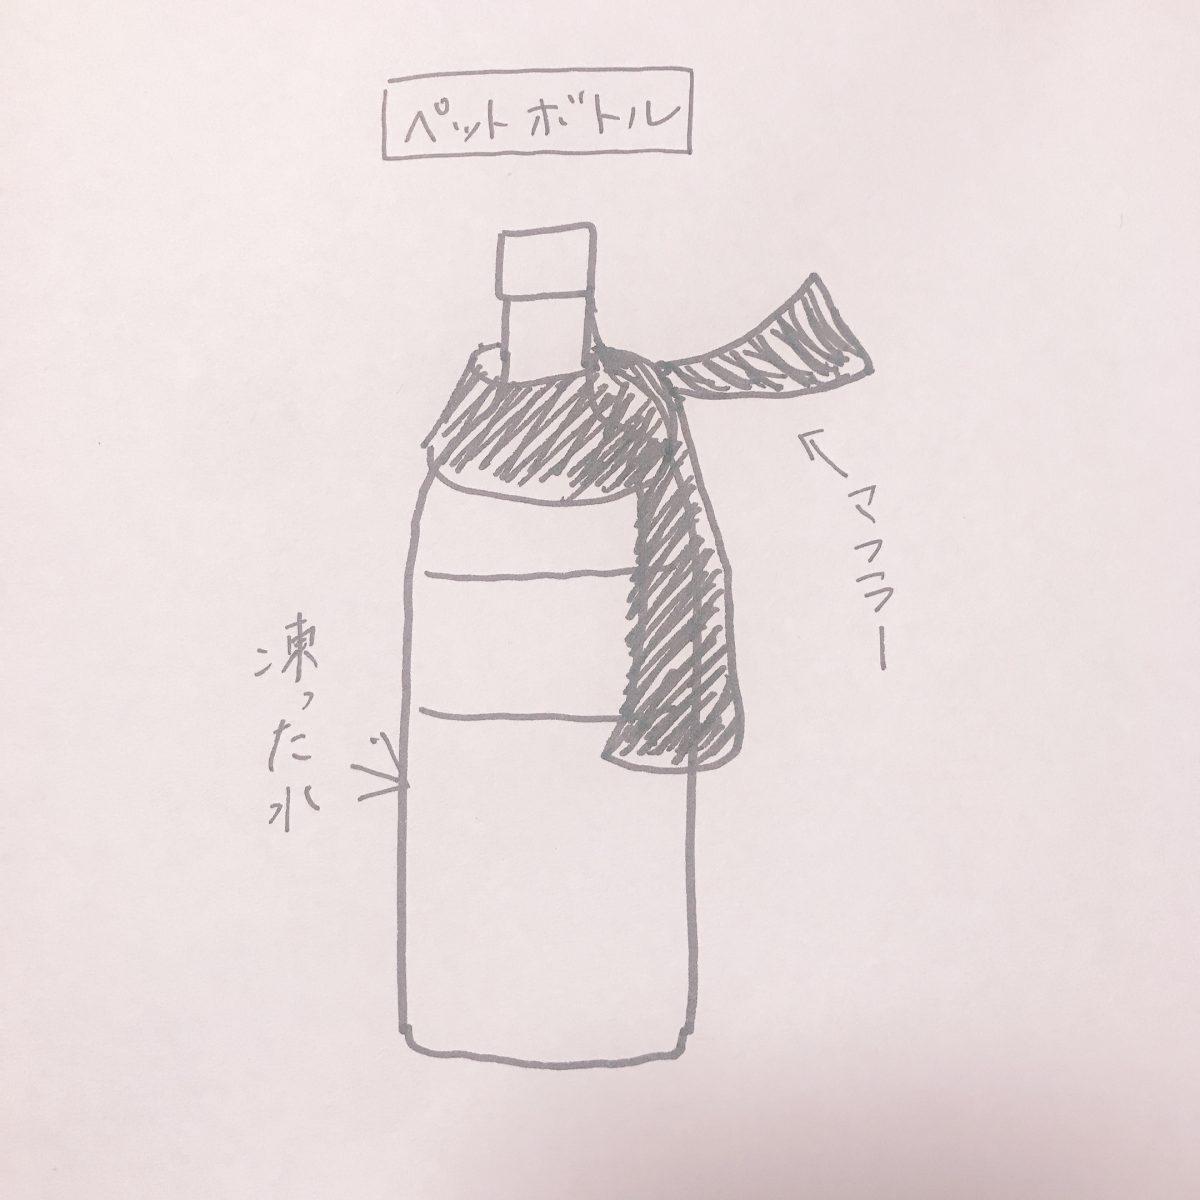 凍ったペットボトル冷え